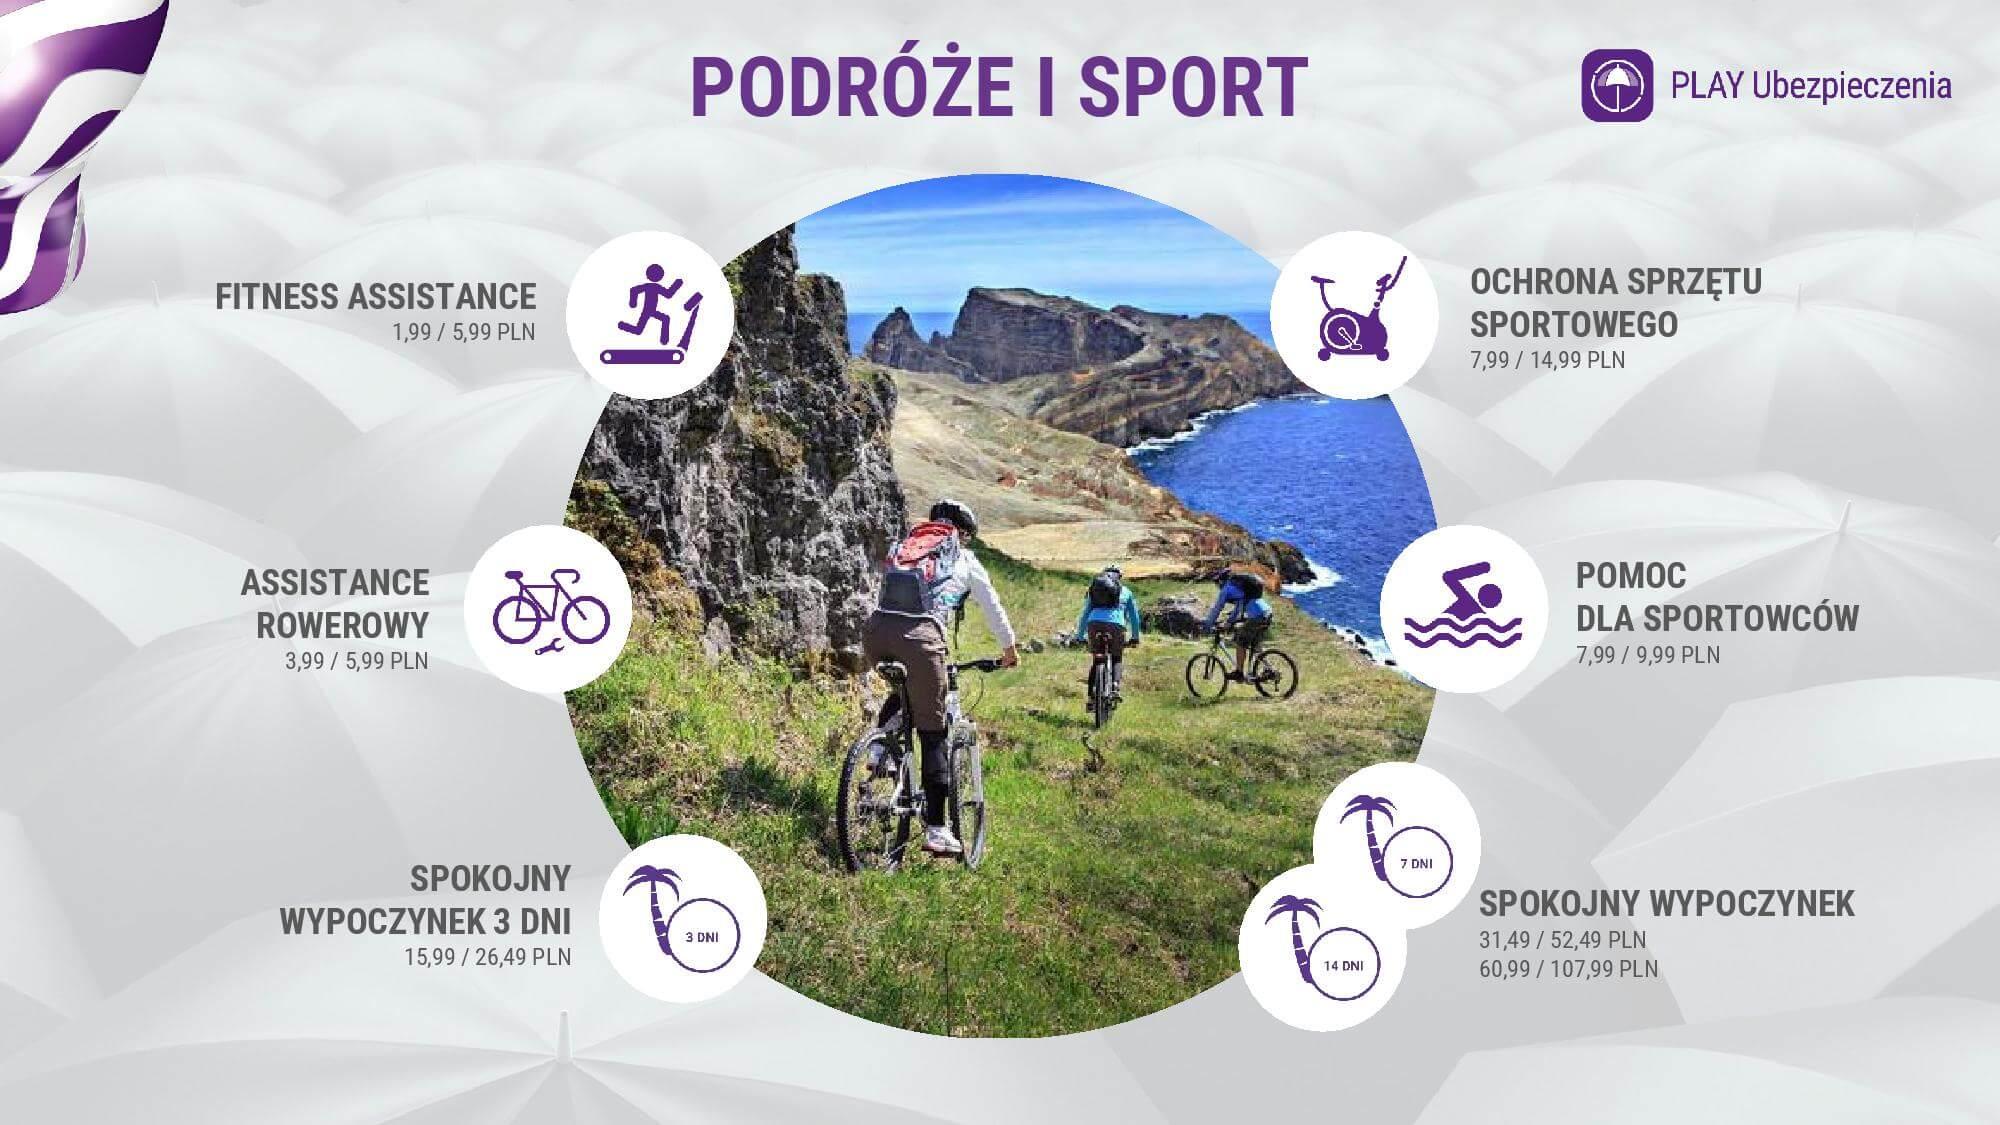 Play Ubezpieczenia Podróże i Sport